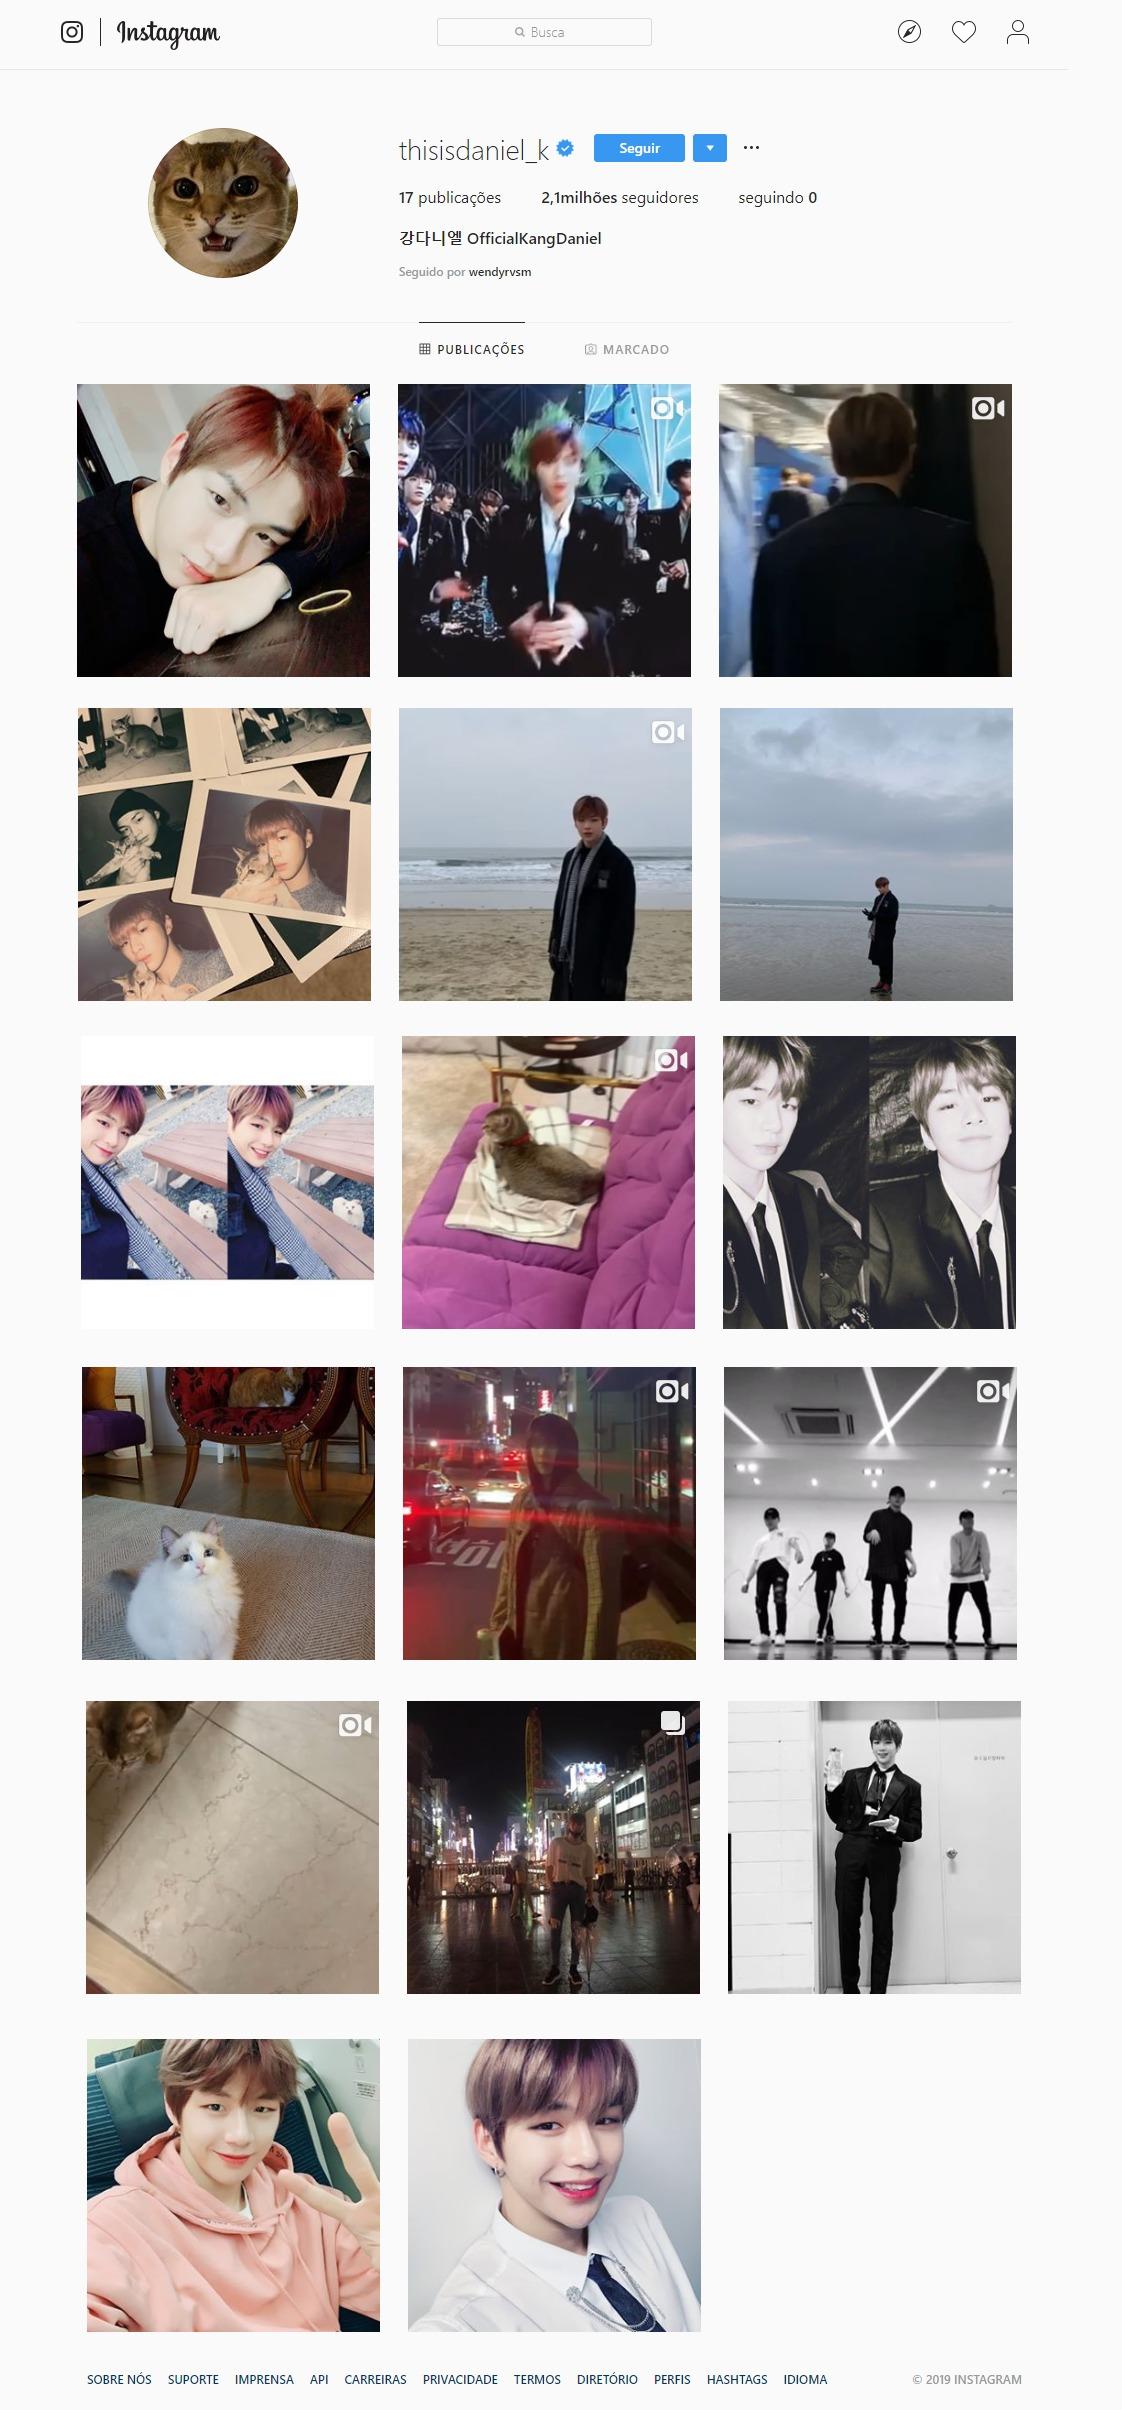 Kang Daniel Ganha Mais De 1 Milhão De Seguidores No Instagram Em Menos De Um Dia